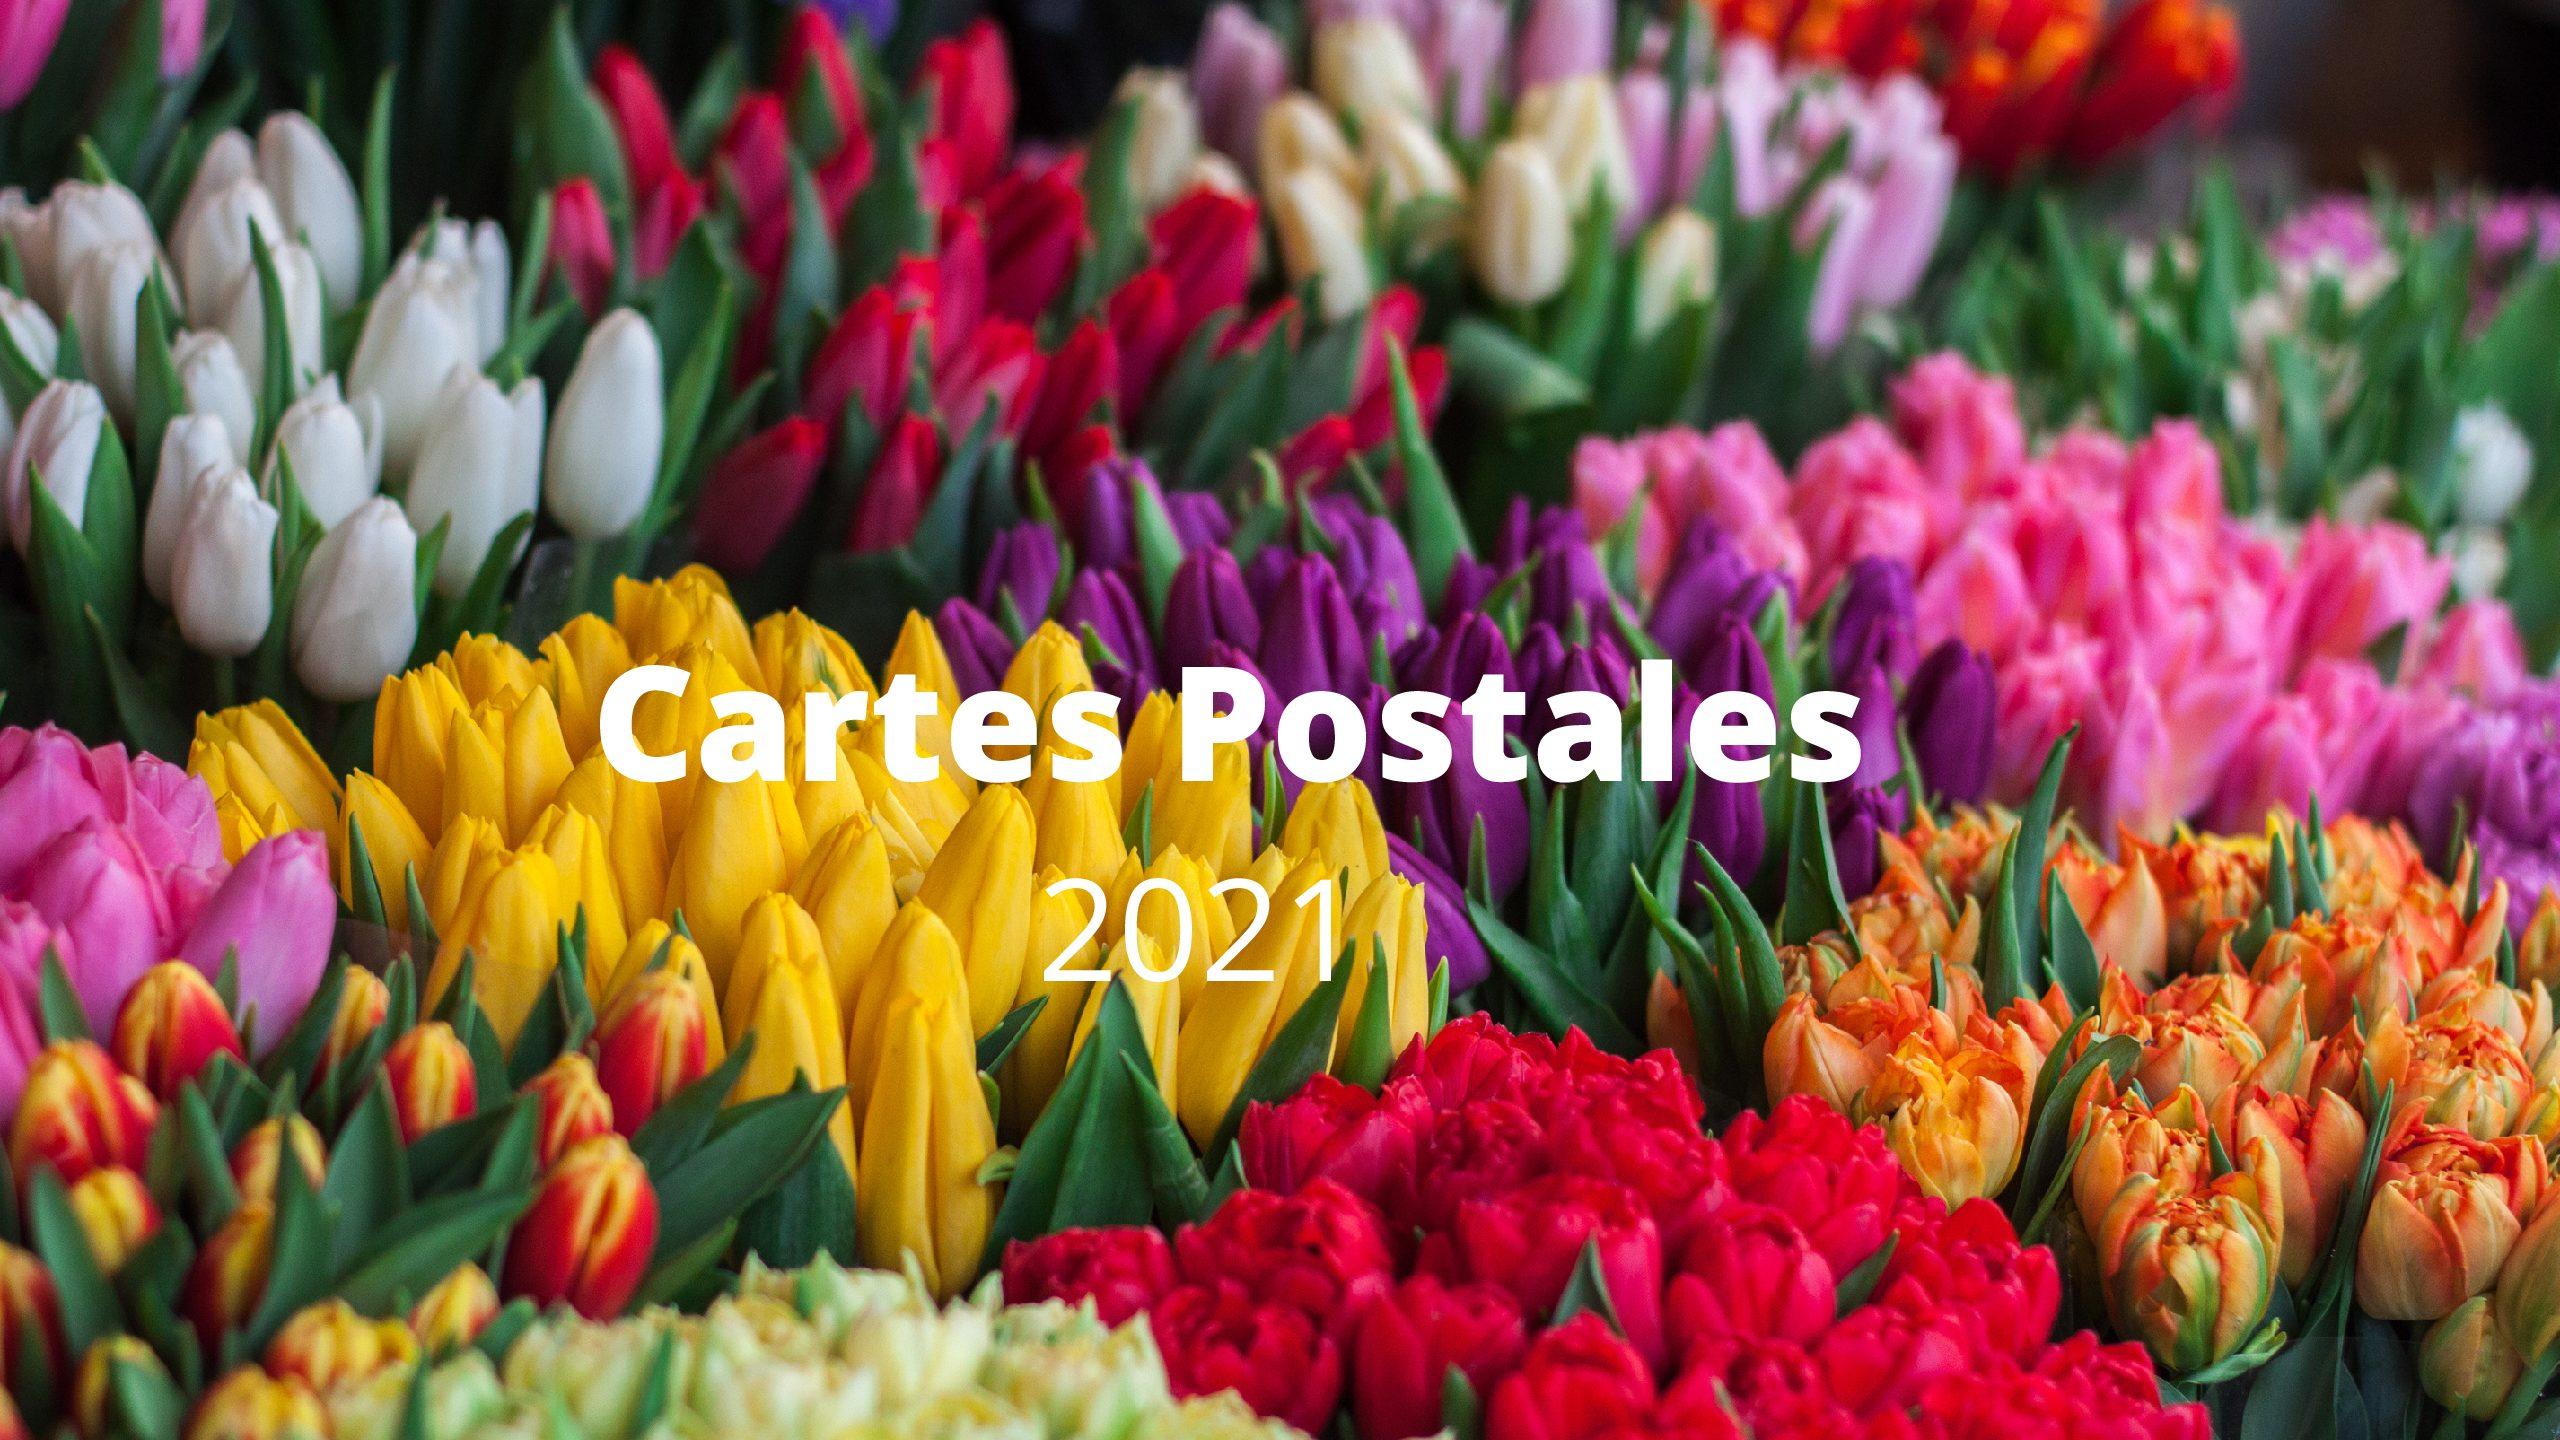 Cartes Postales 2021 : Le vainqueur est…